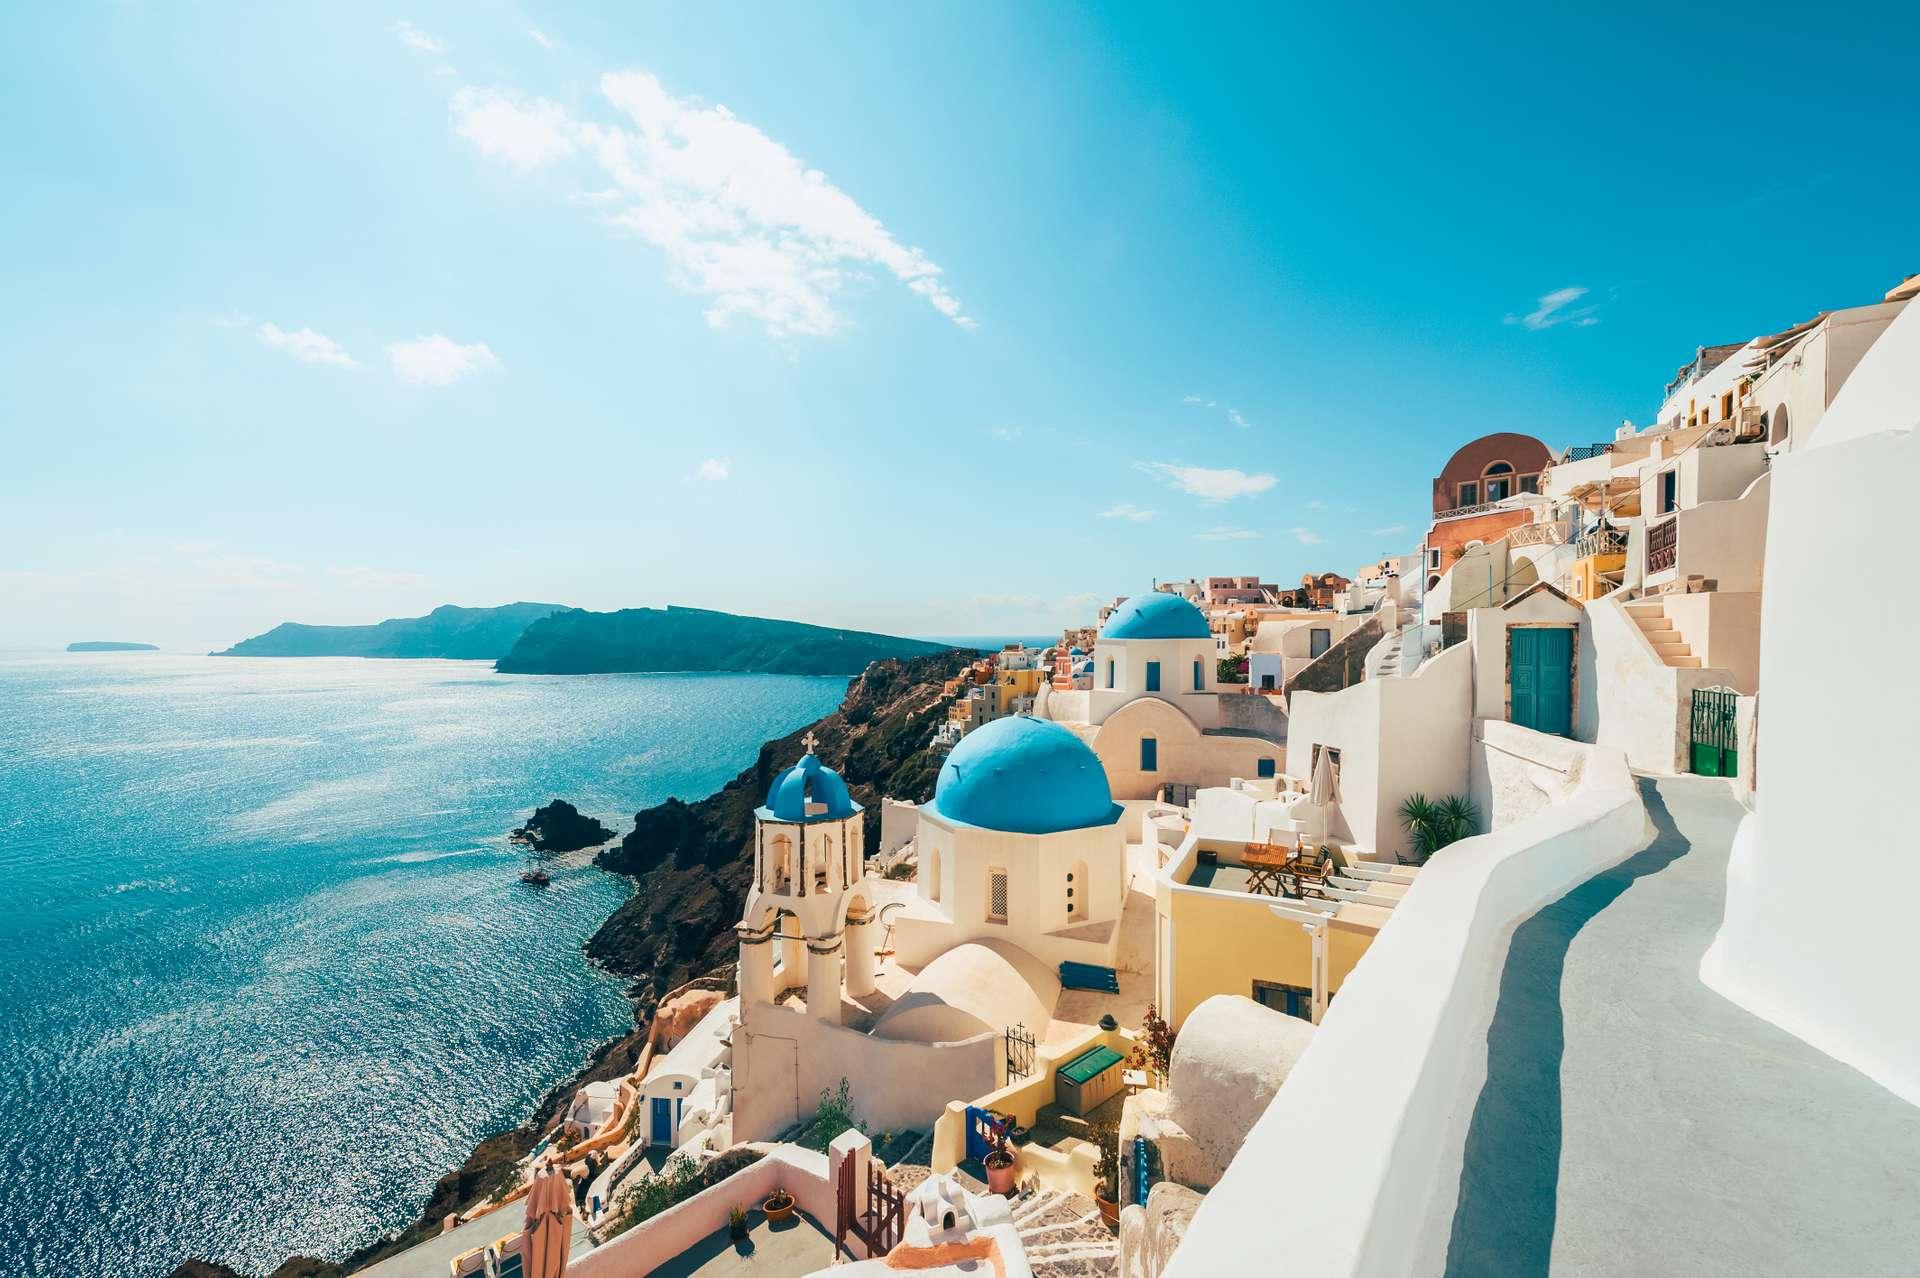 Griekenland eiland vakantie santorini